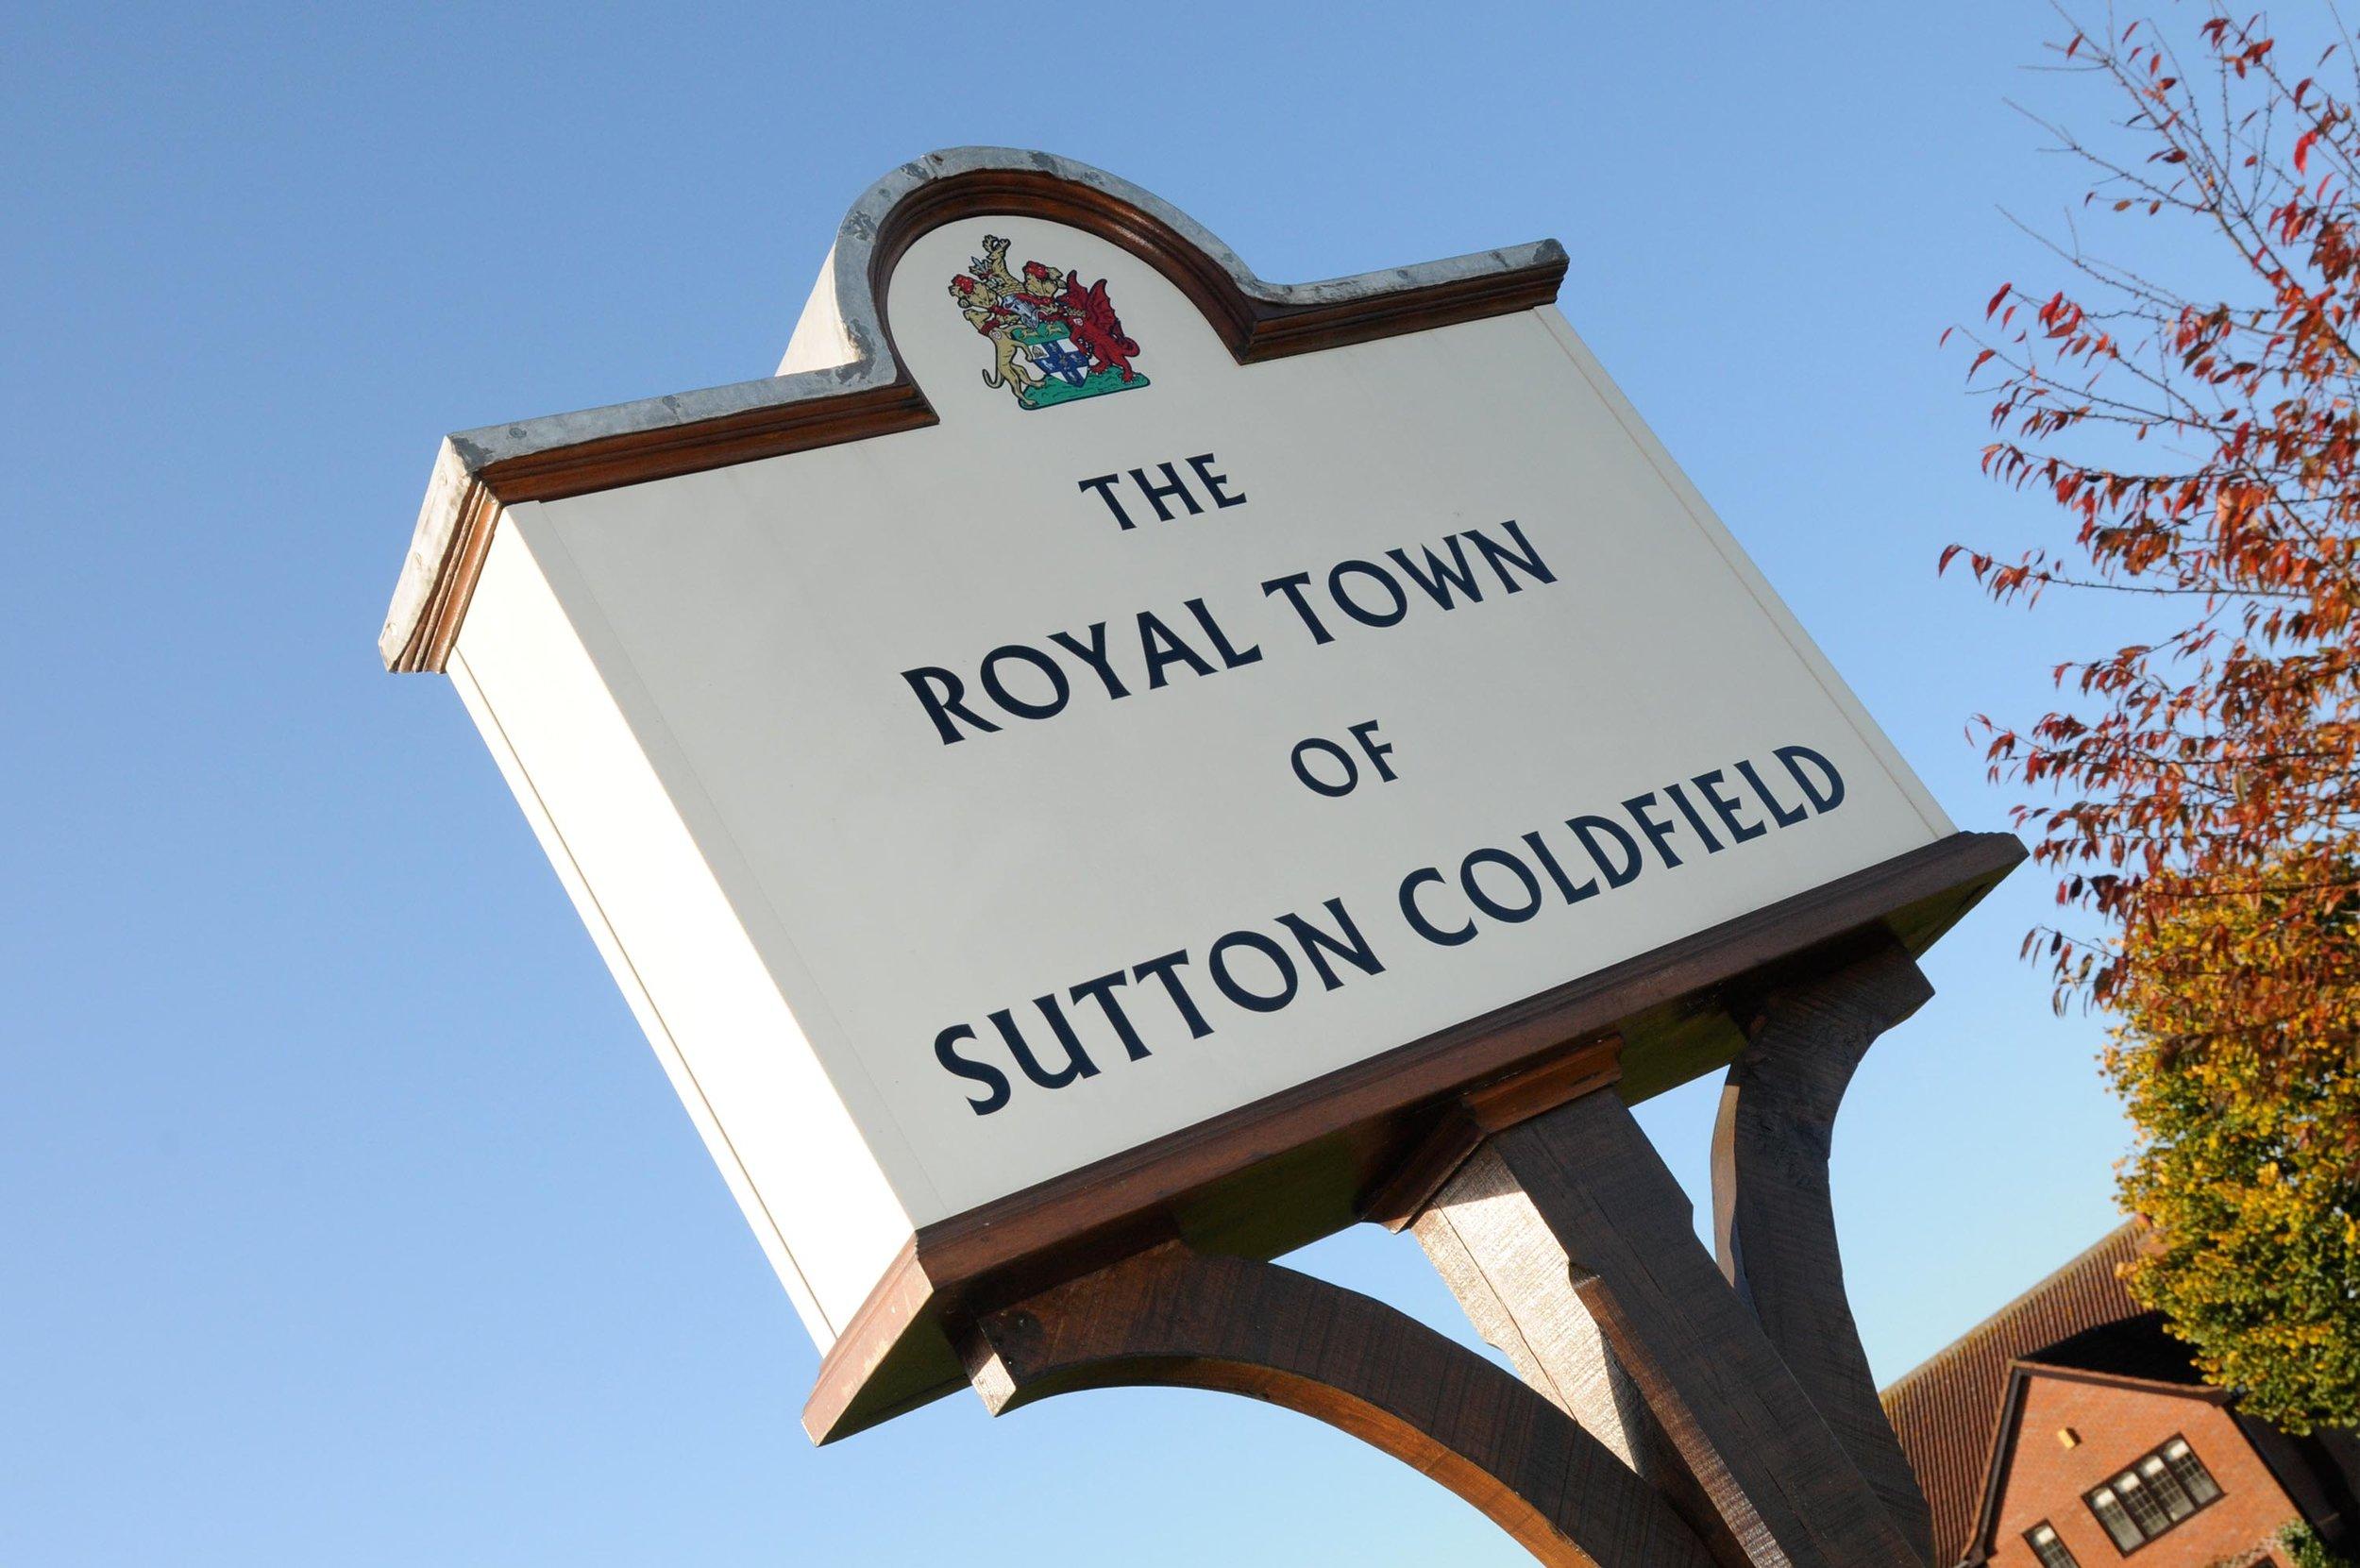 sutton coldfield sign.jpg